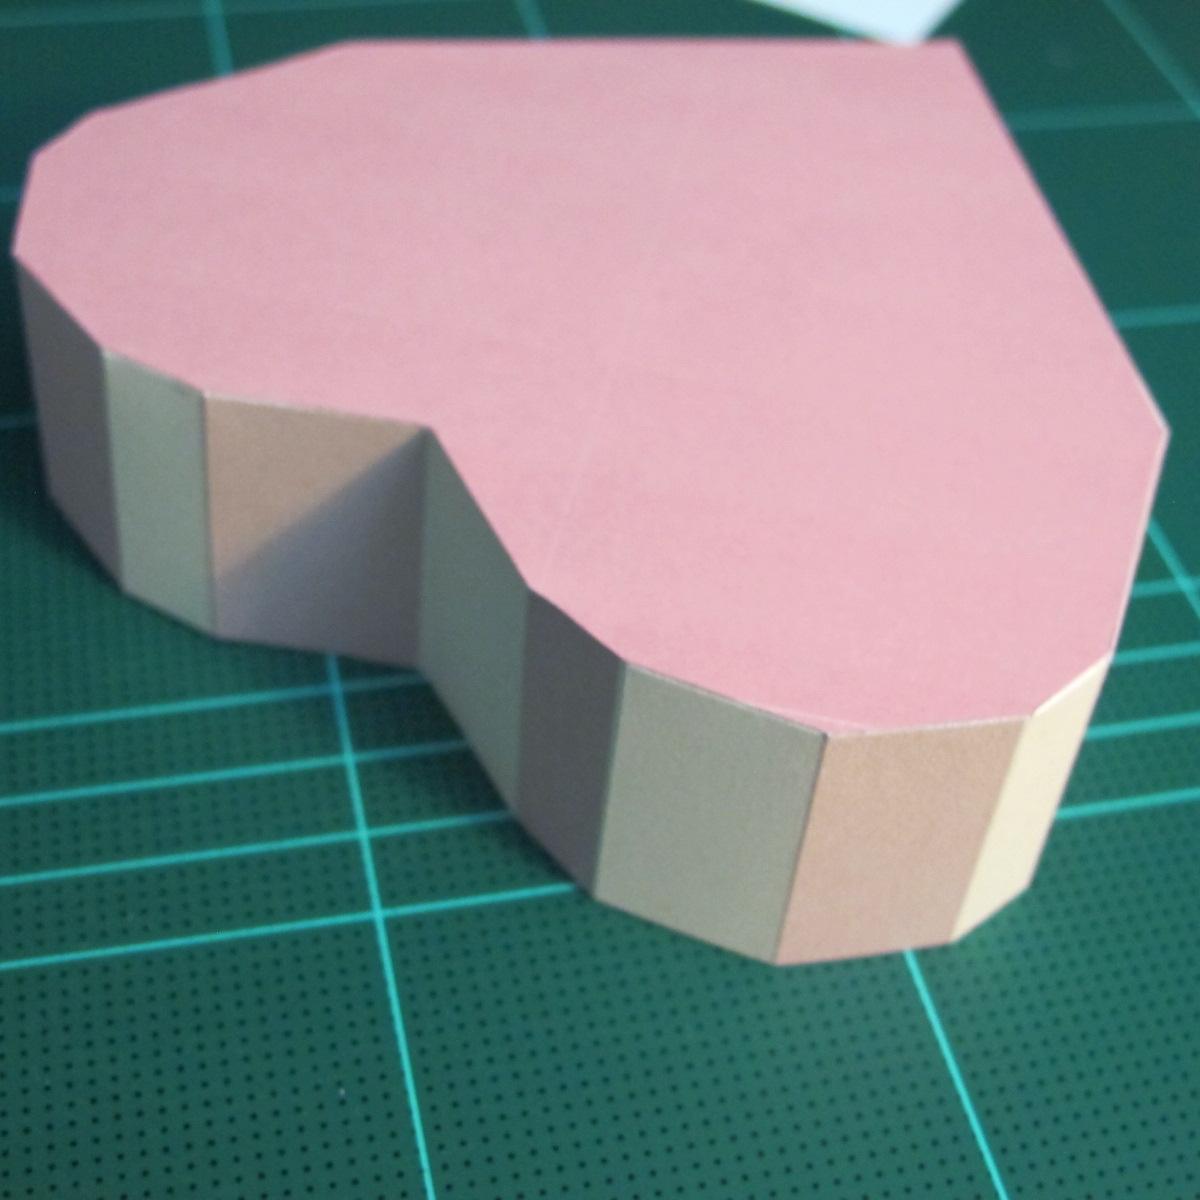 วิธีทำโมเดลกระดาษเป็นกล่องของขวัญรูปหัวใจ (Heart Box Papercraft Model) 009